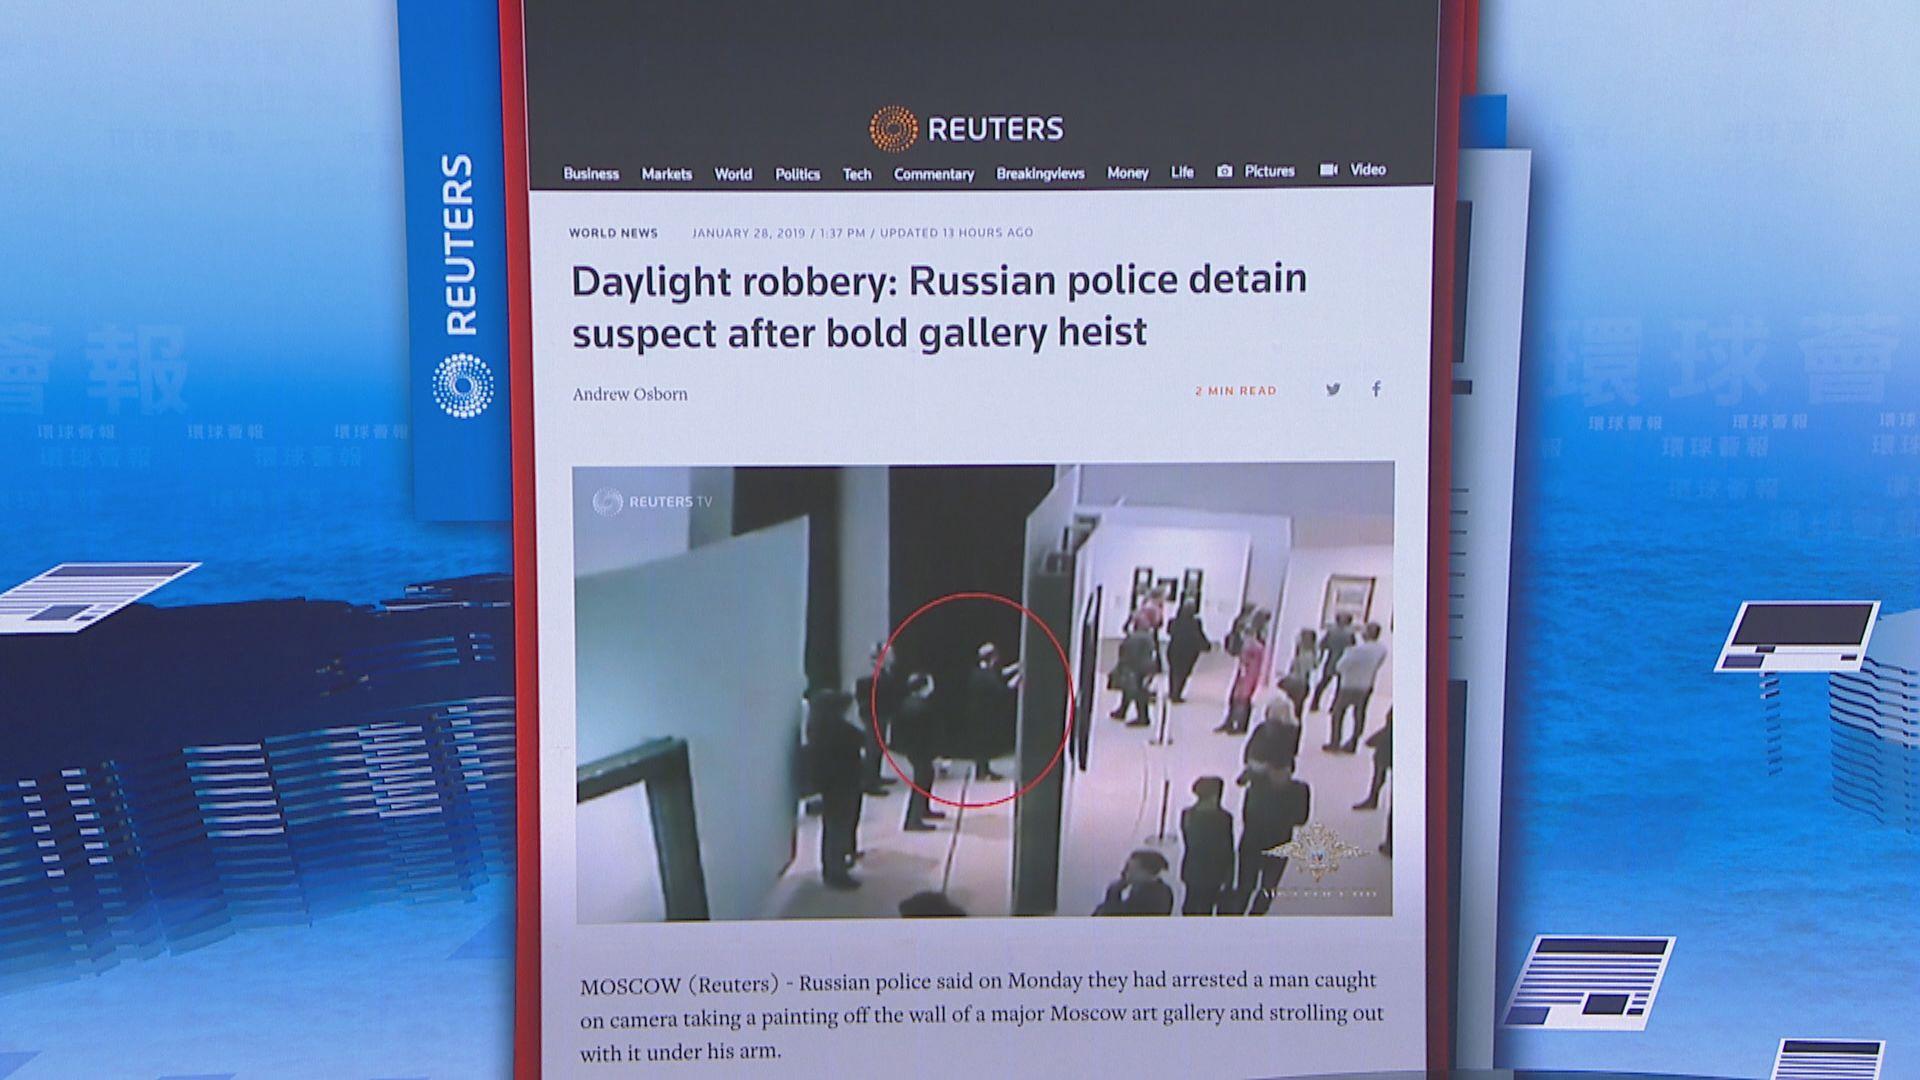 【環球薈報】俄羅斯畫廊風景畫被盜警方迅速破案